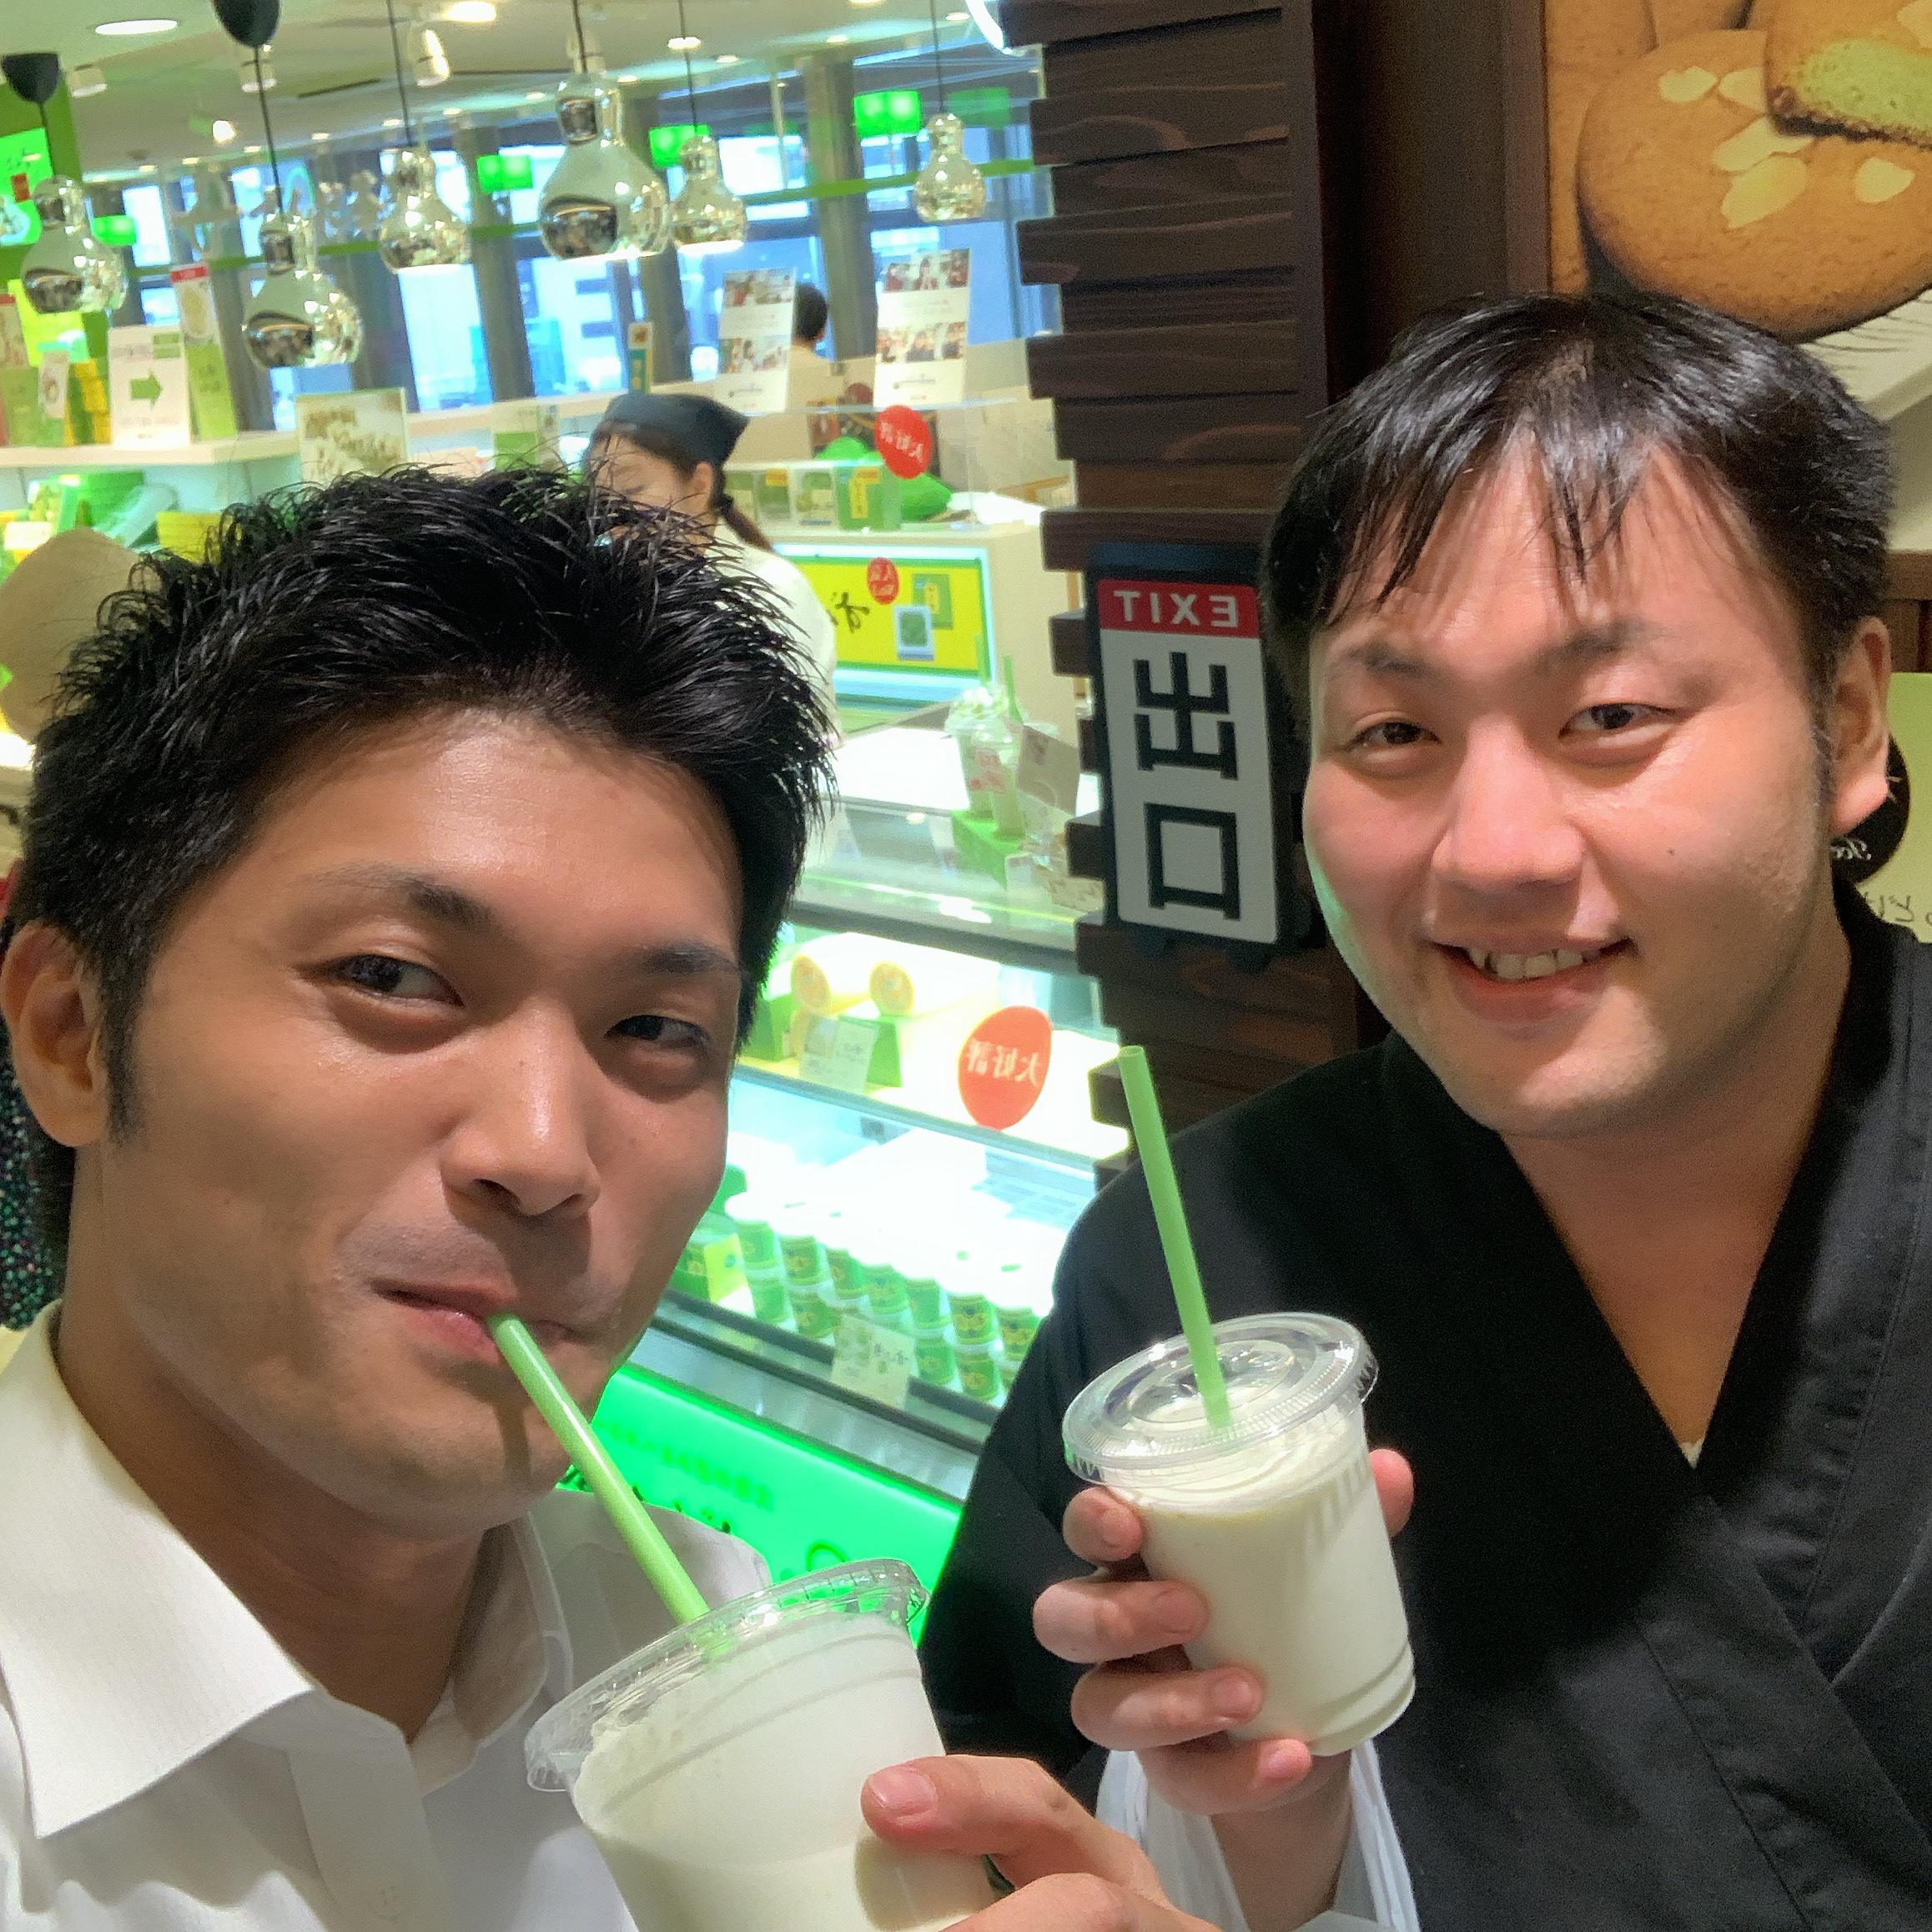 img 2048 - 井川氏ありがとう!仙台での思い出づくり。